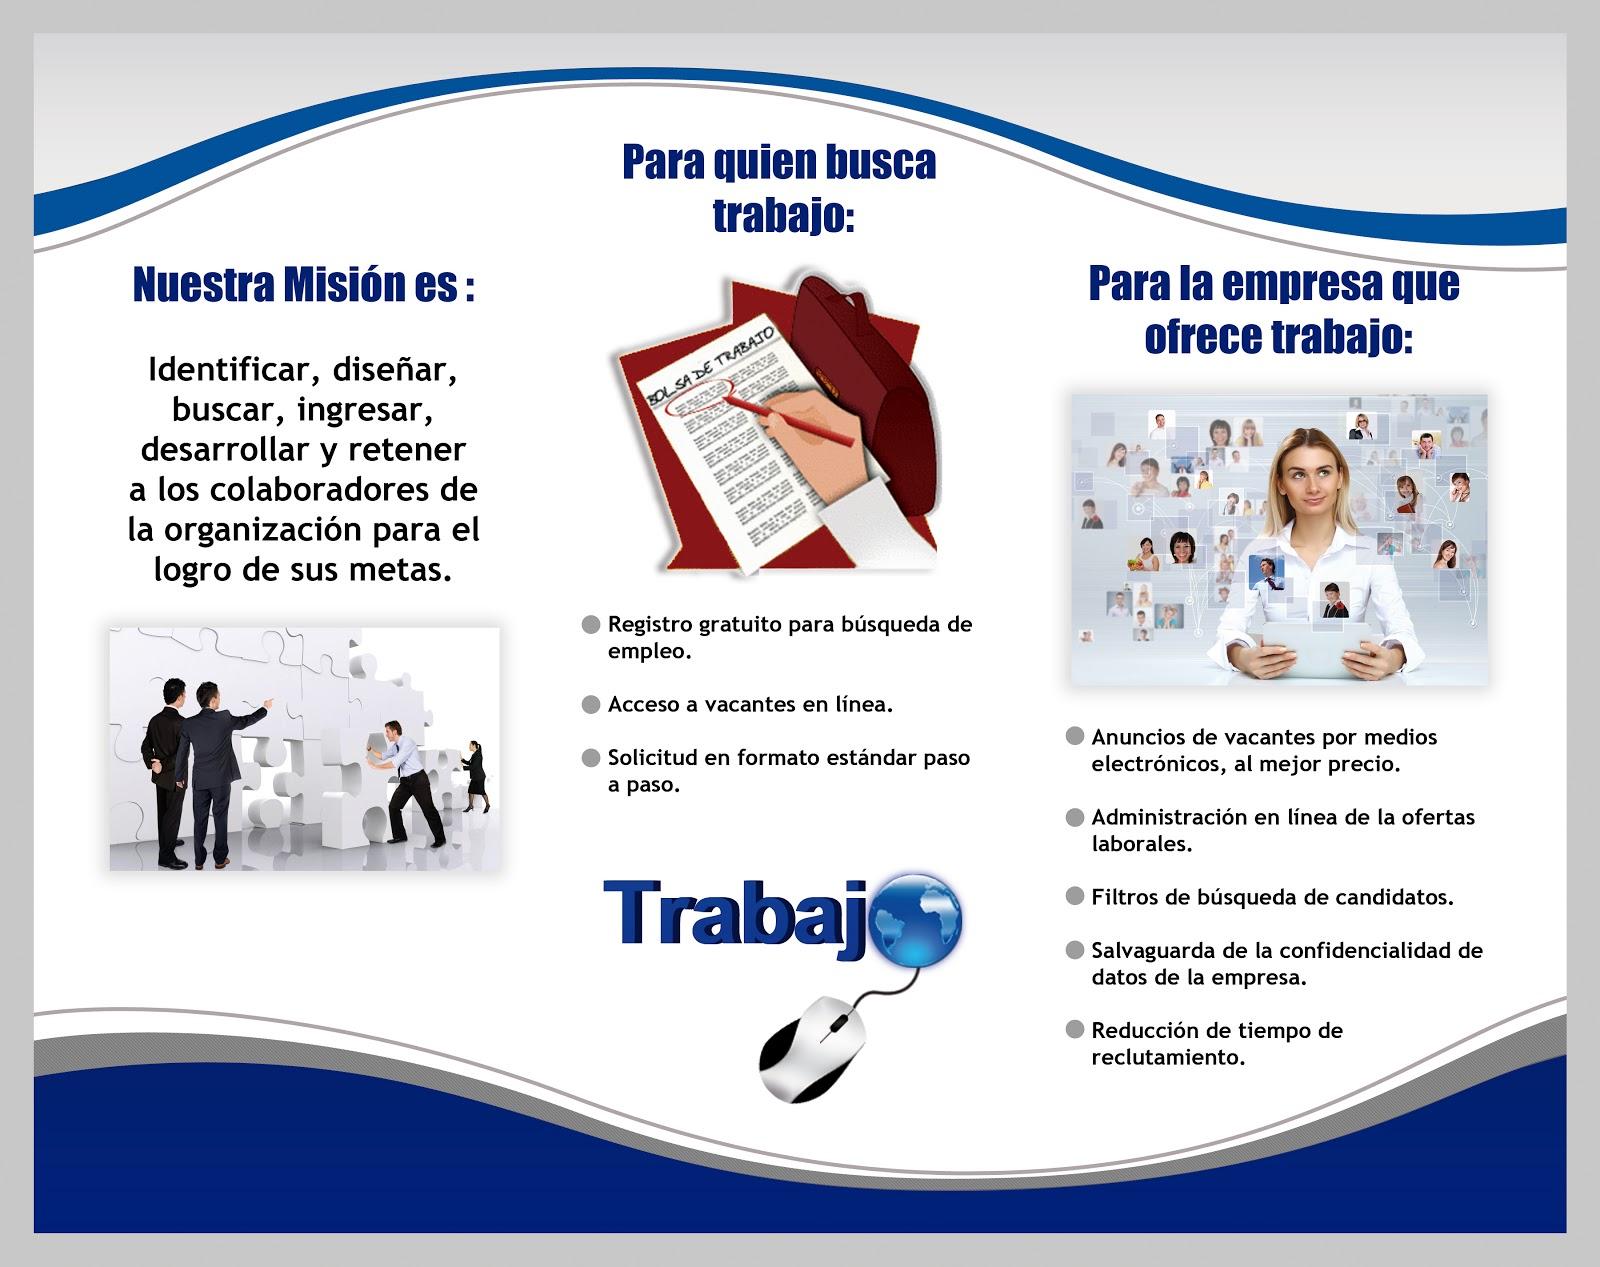 Fme contadores bolsa de trabajo reclutamiento y for Ofertas de empleo en la linea